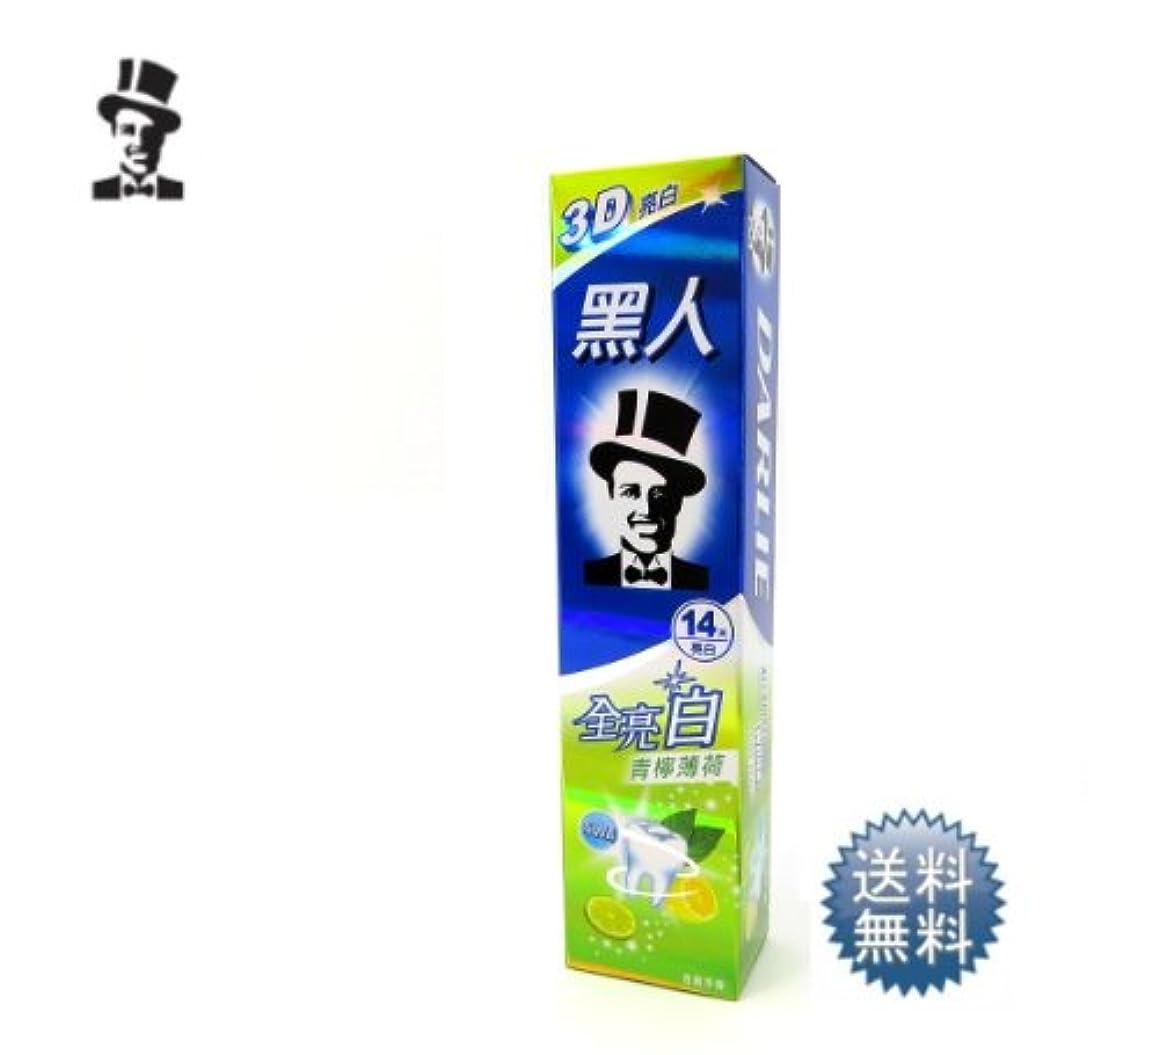 労働既に不承認台湾 黒人 歯磨き 全亮白 青檸薄荷 140g